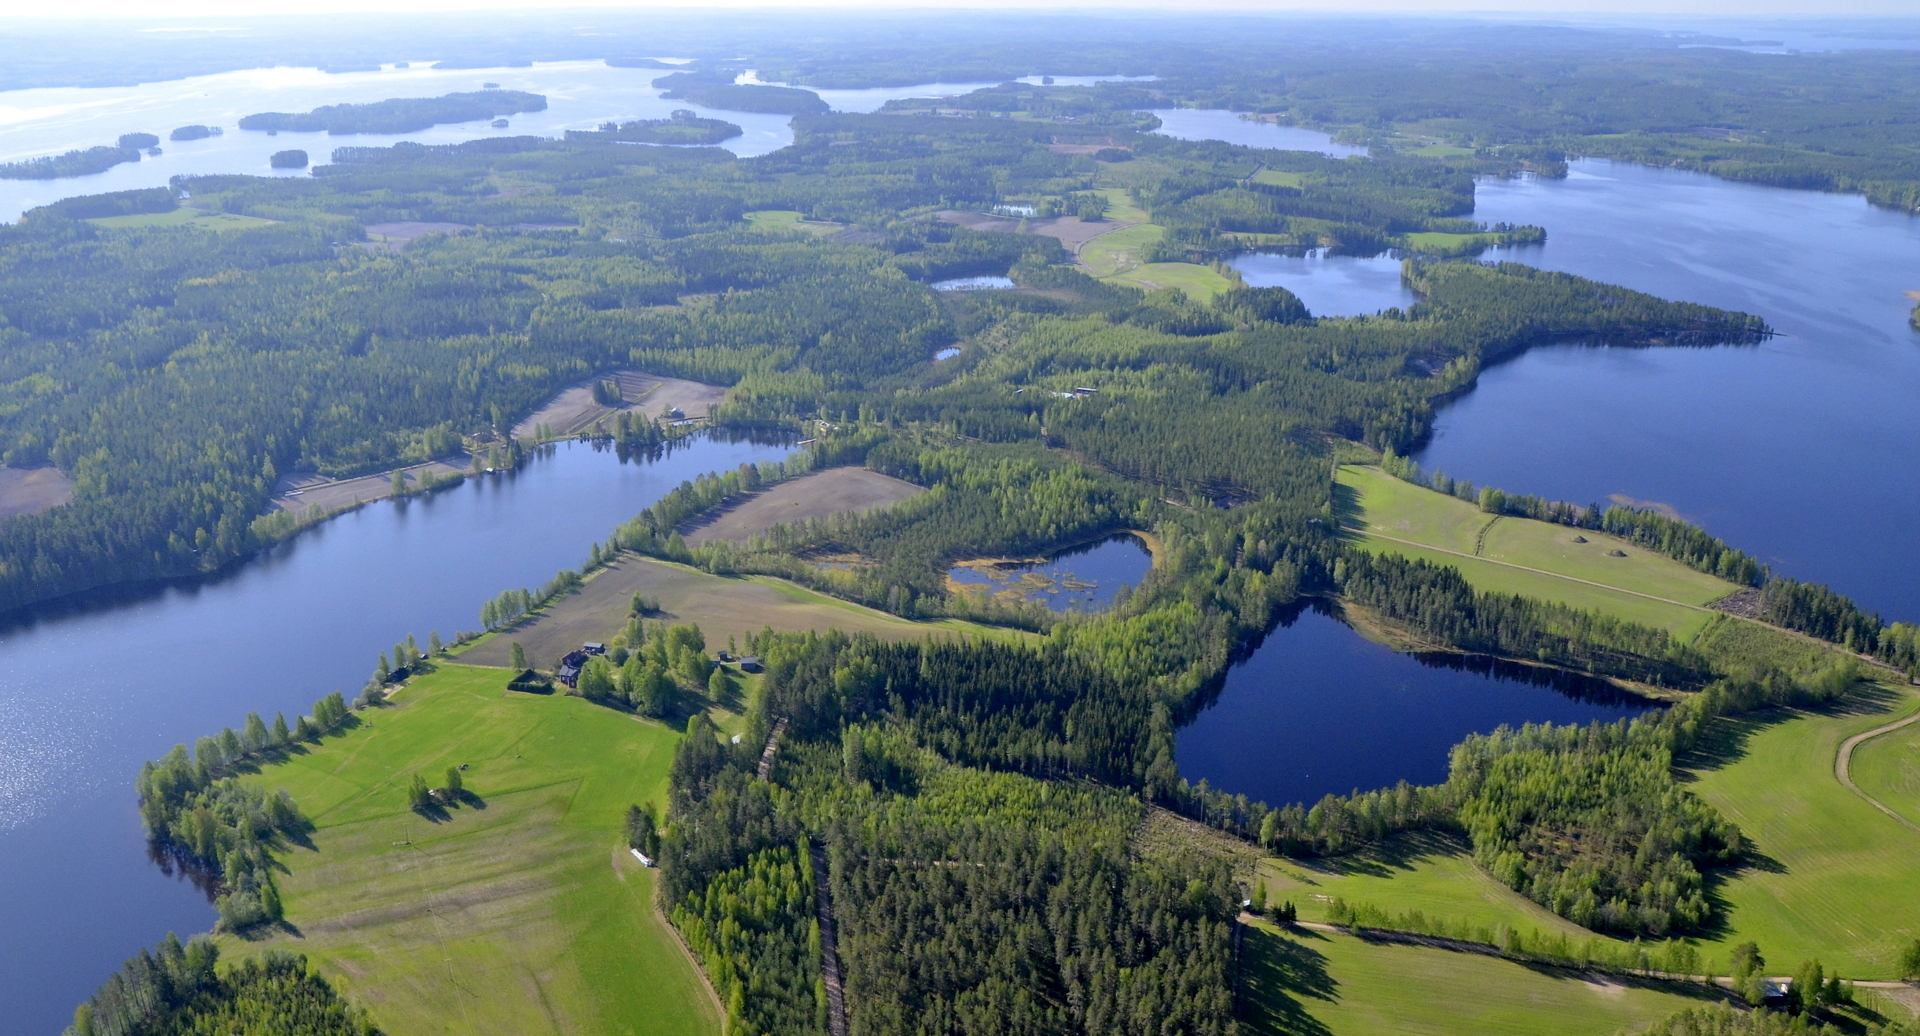 Näkymä Vapaniemen seutuvilta Pasalajärven suuntaan. Vasemmalla kaukaisuudessa Kolimanpää.